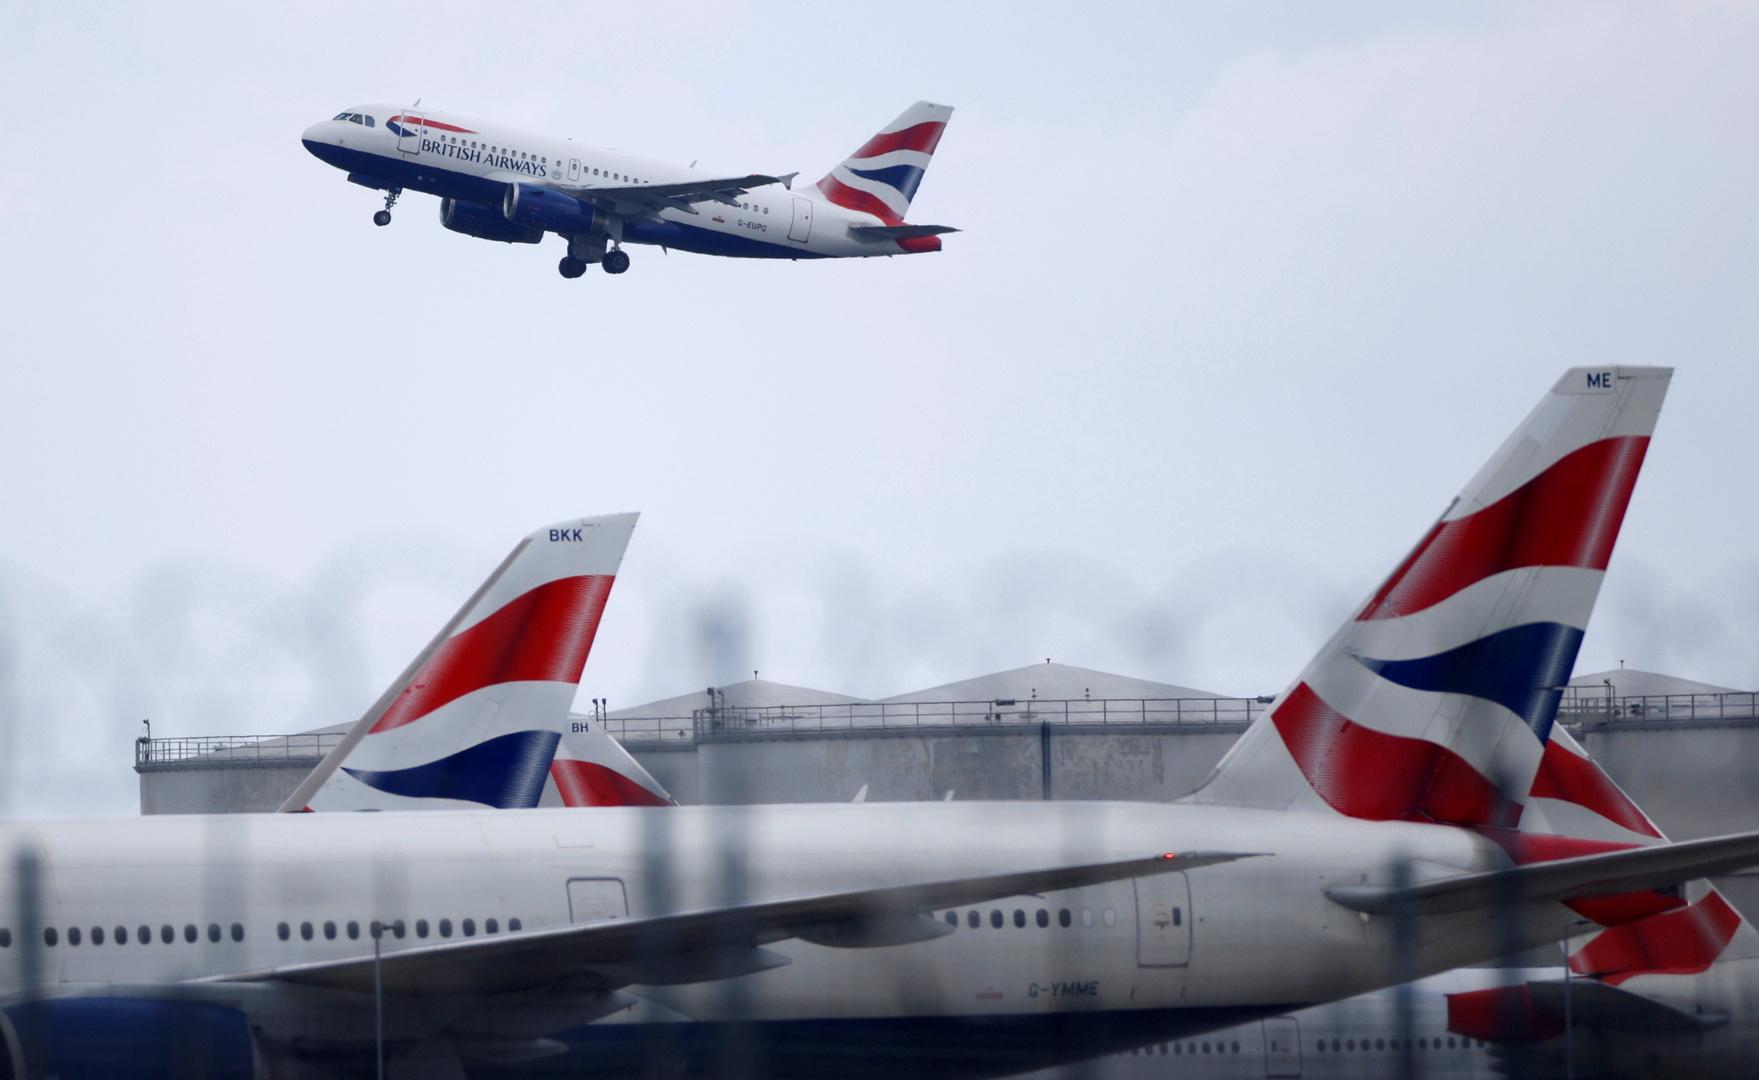 روسيا تستأنف الرحلات الجوية مع بريطانيا بعد توقف دام نصف سنة